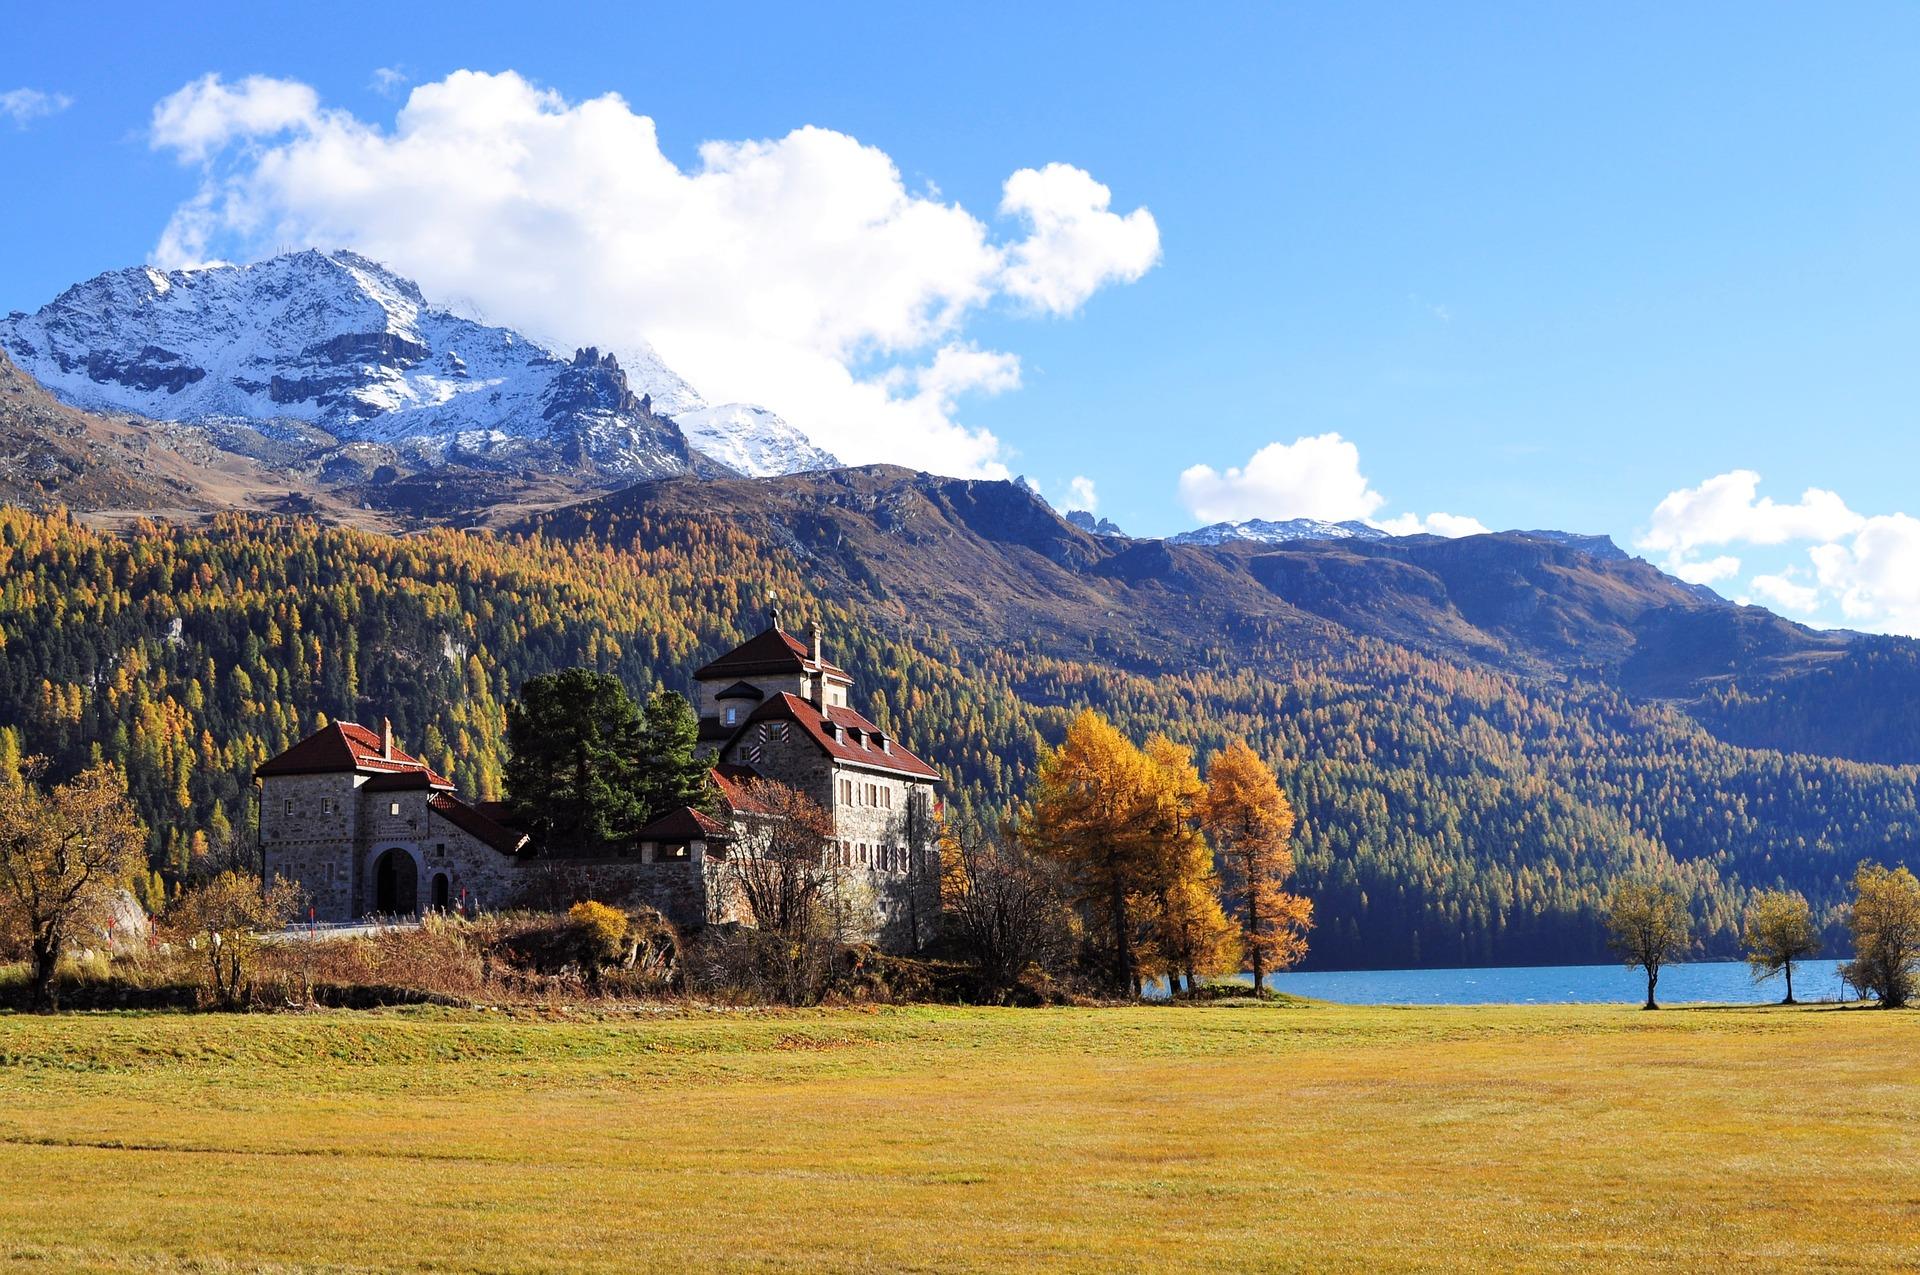 St. Moritz, Village in Switzerland